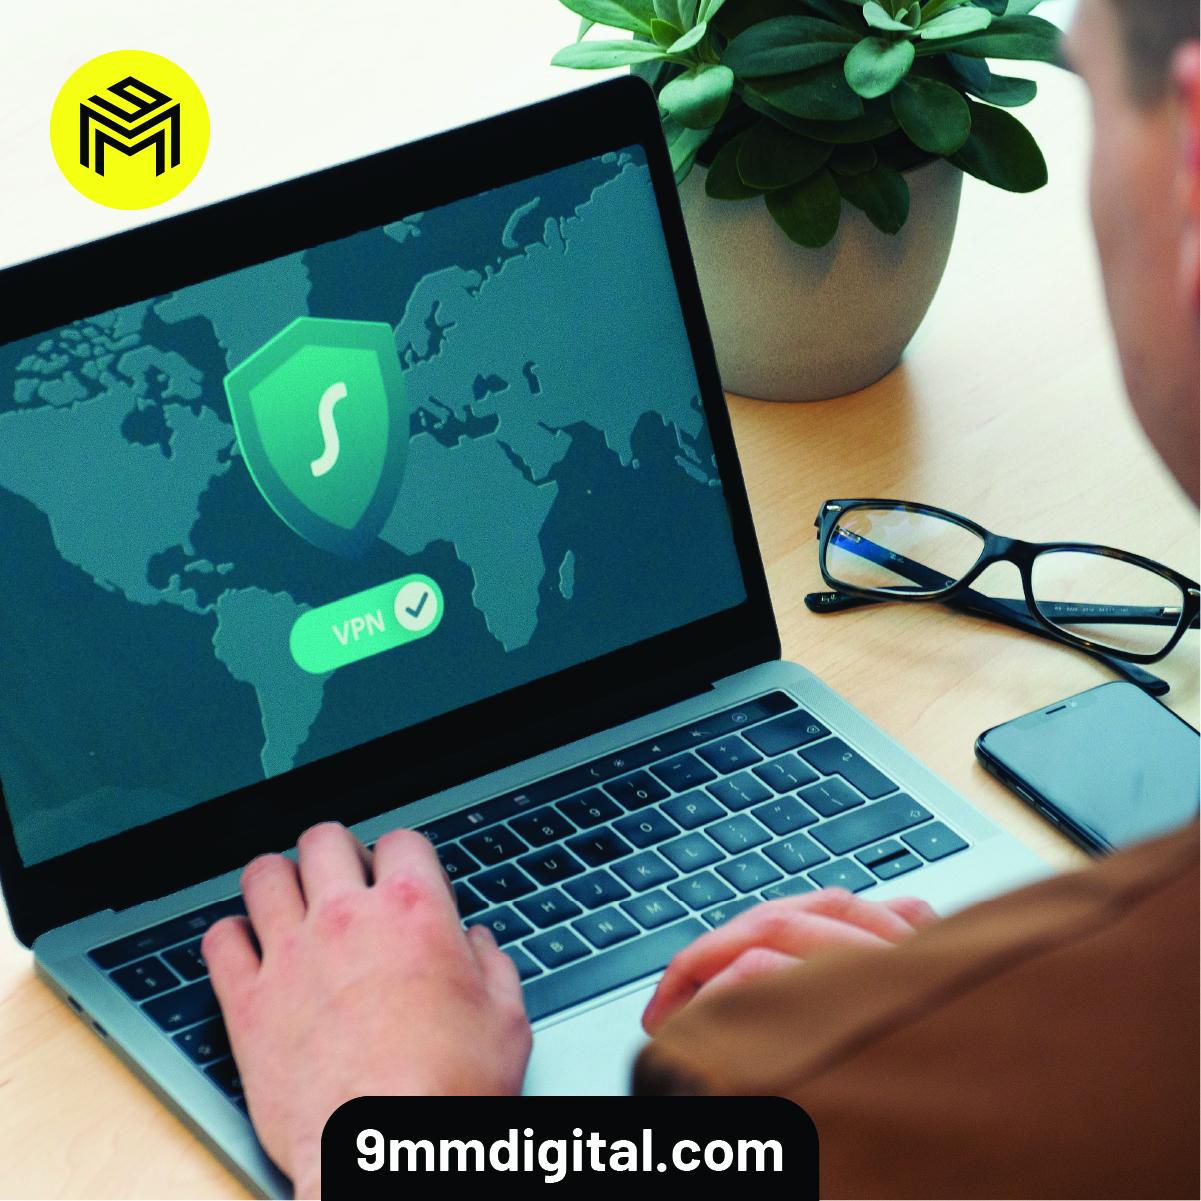 Protocolos de seguridad web